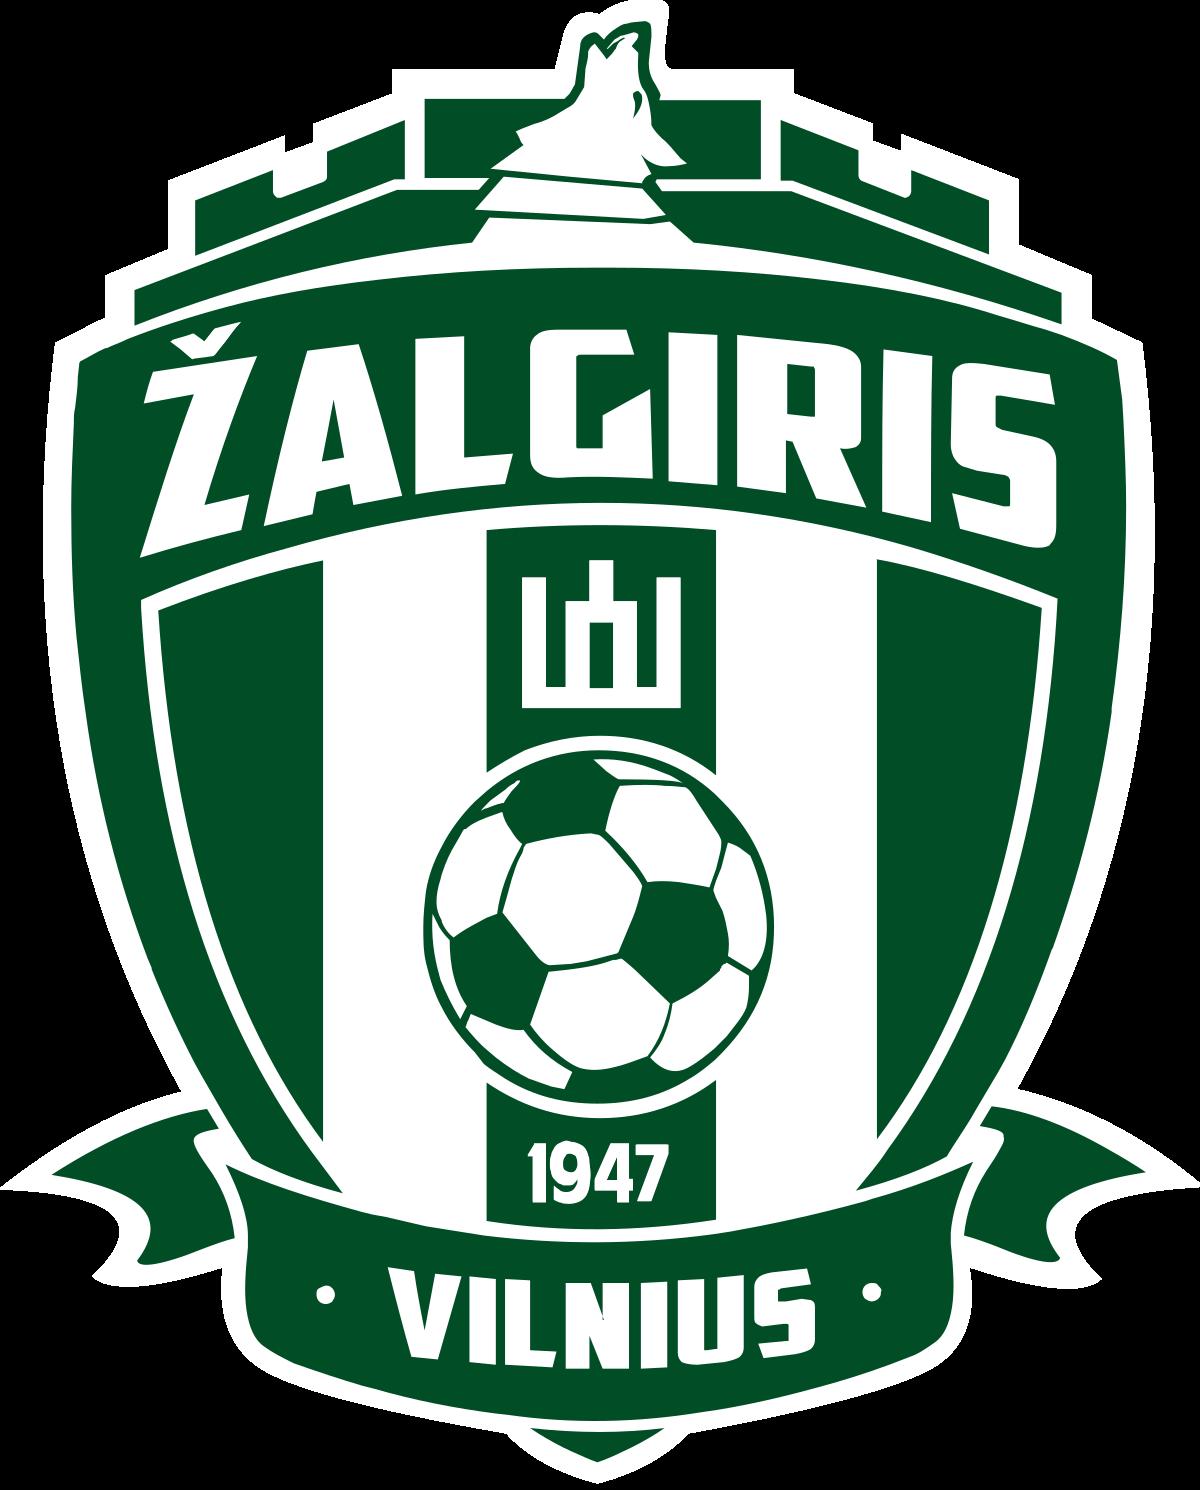 Zalgiris-2 logo